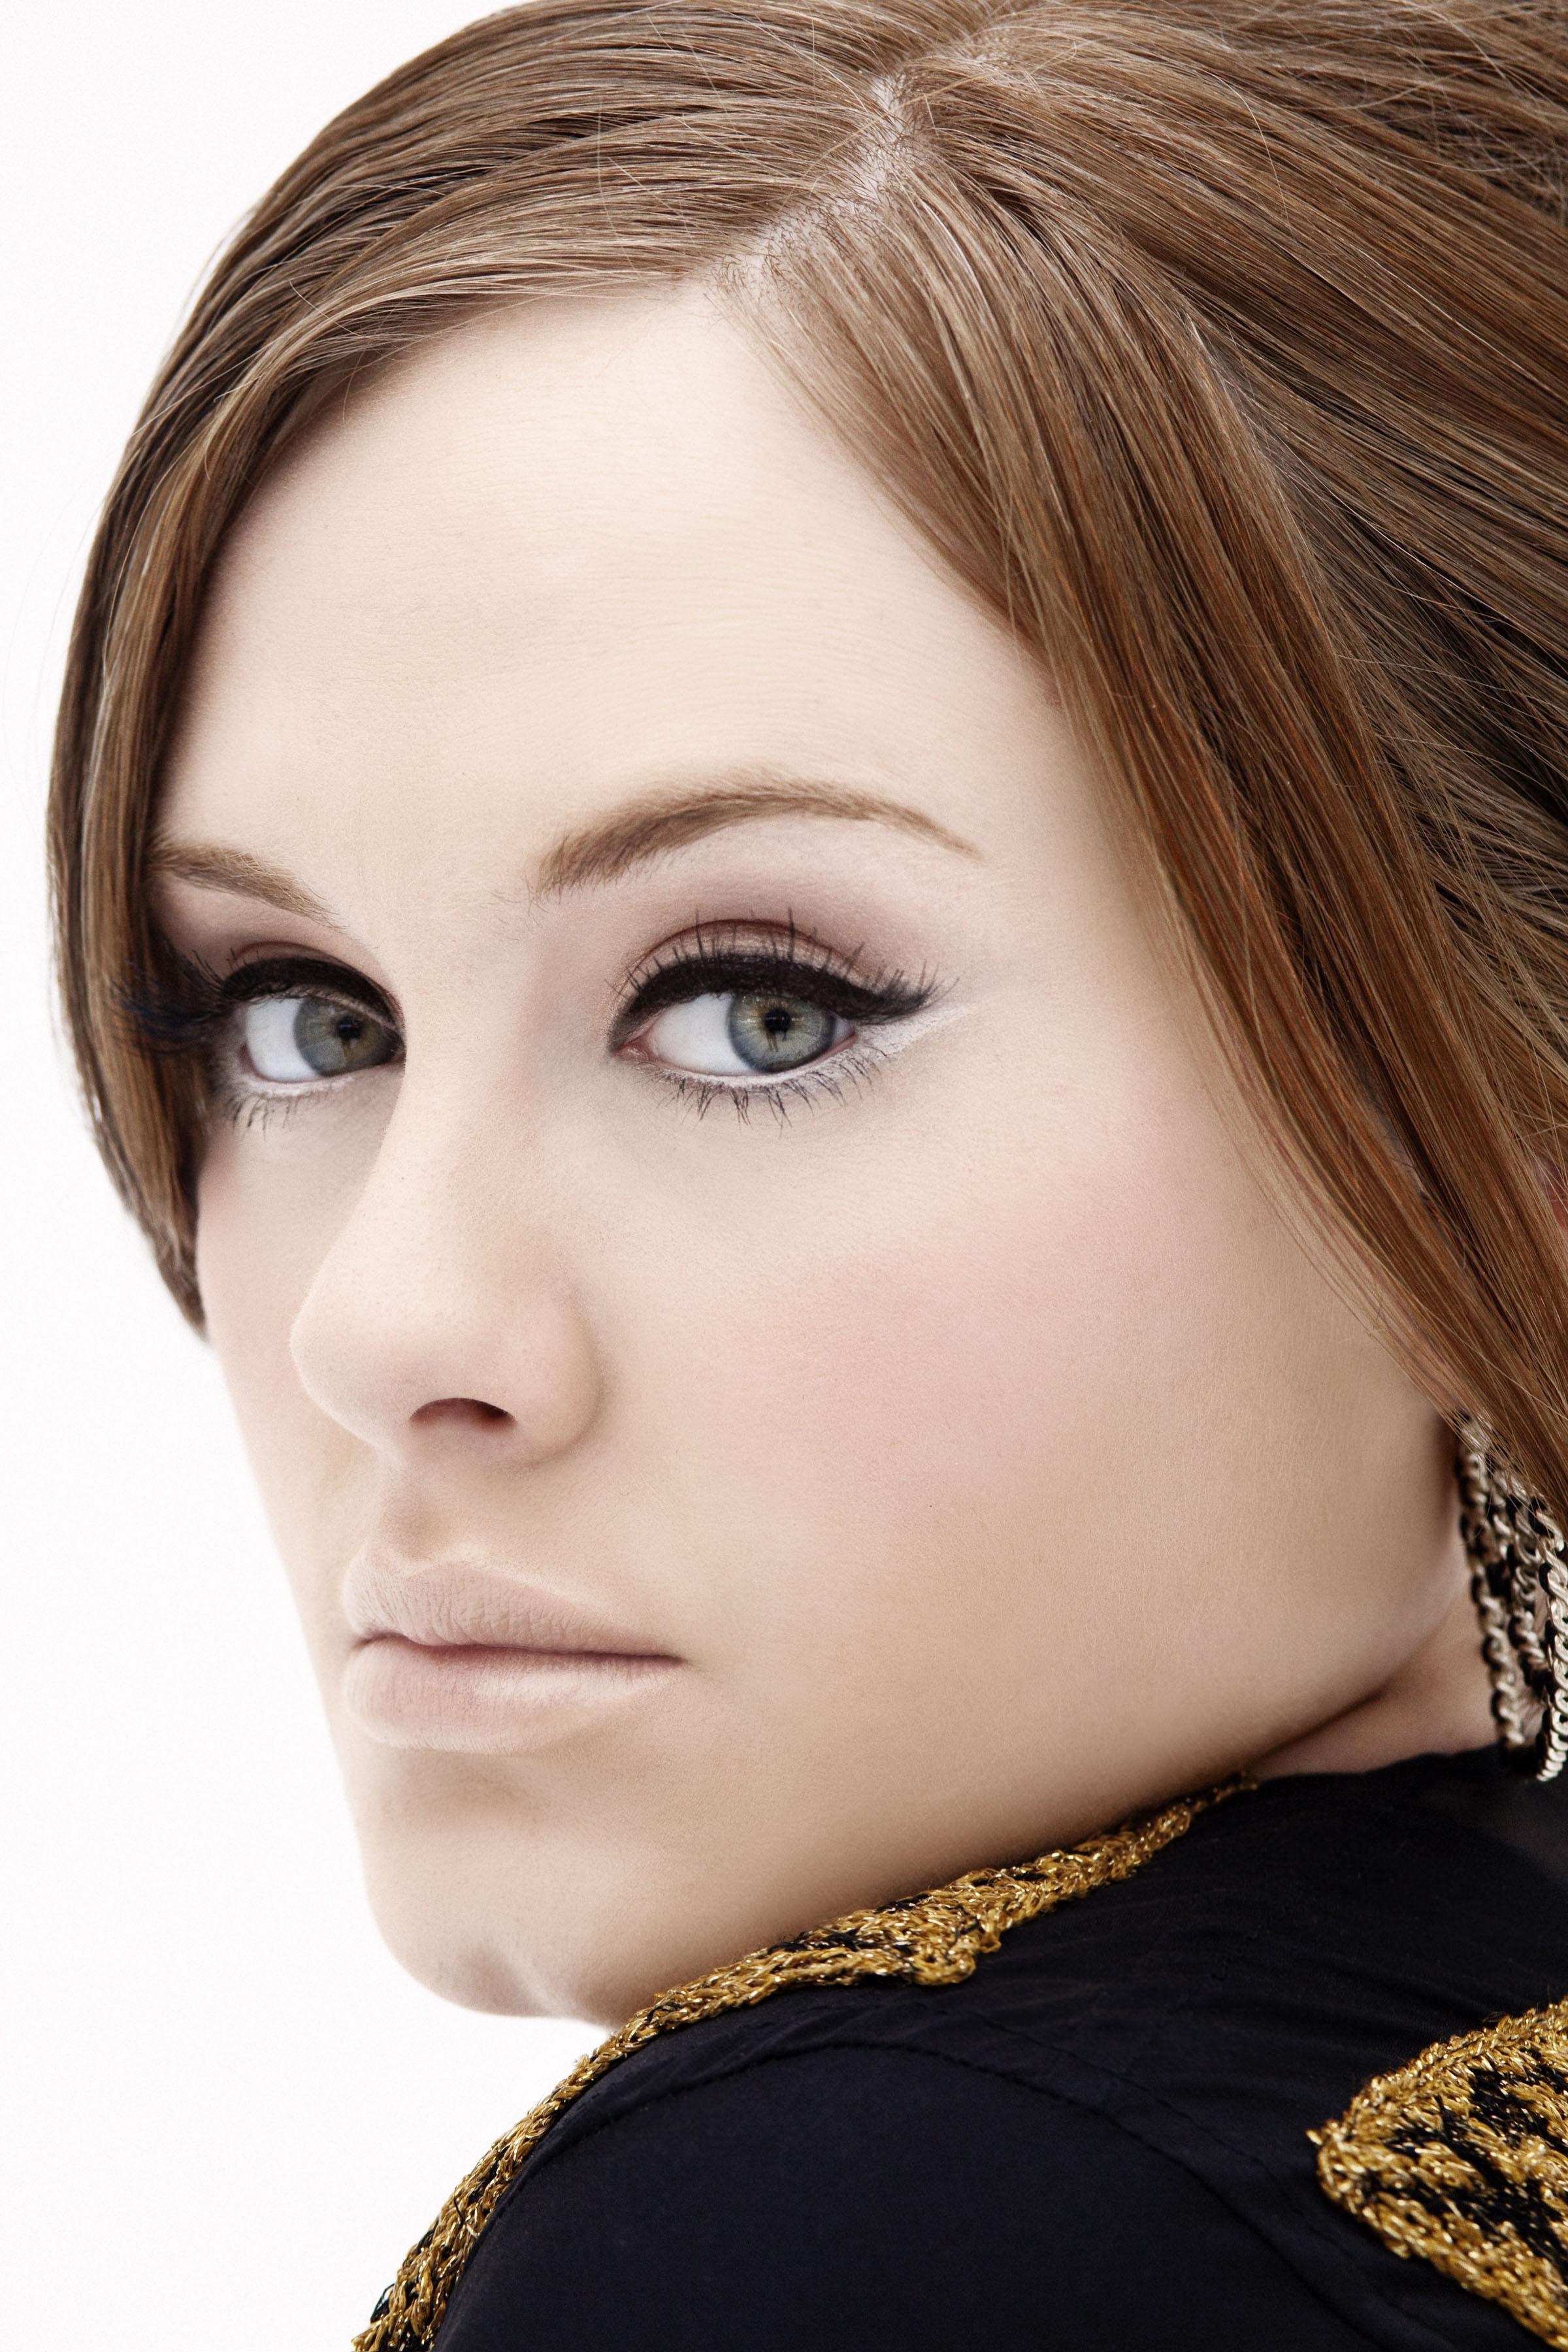 adele Tudo sobre Adele: Carreira, Fotos, Videos, Melhores Músicas da Cantora